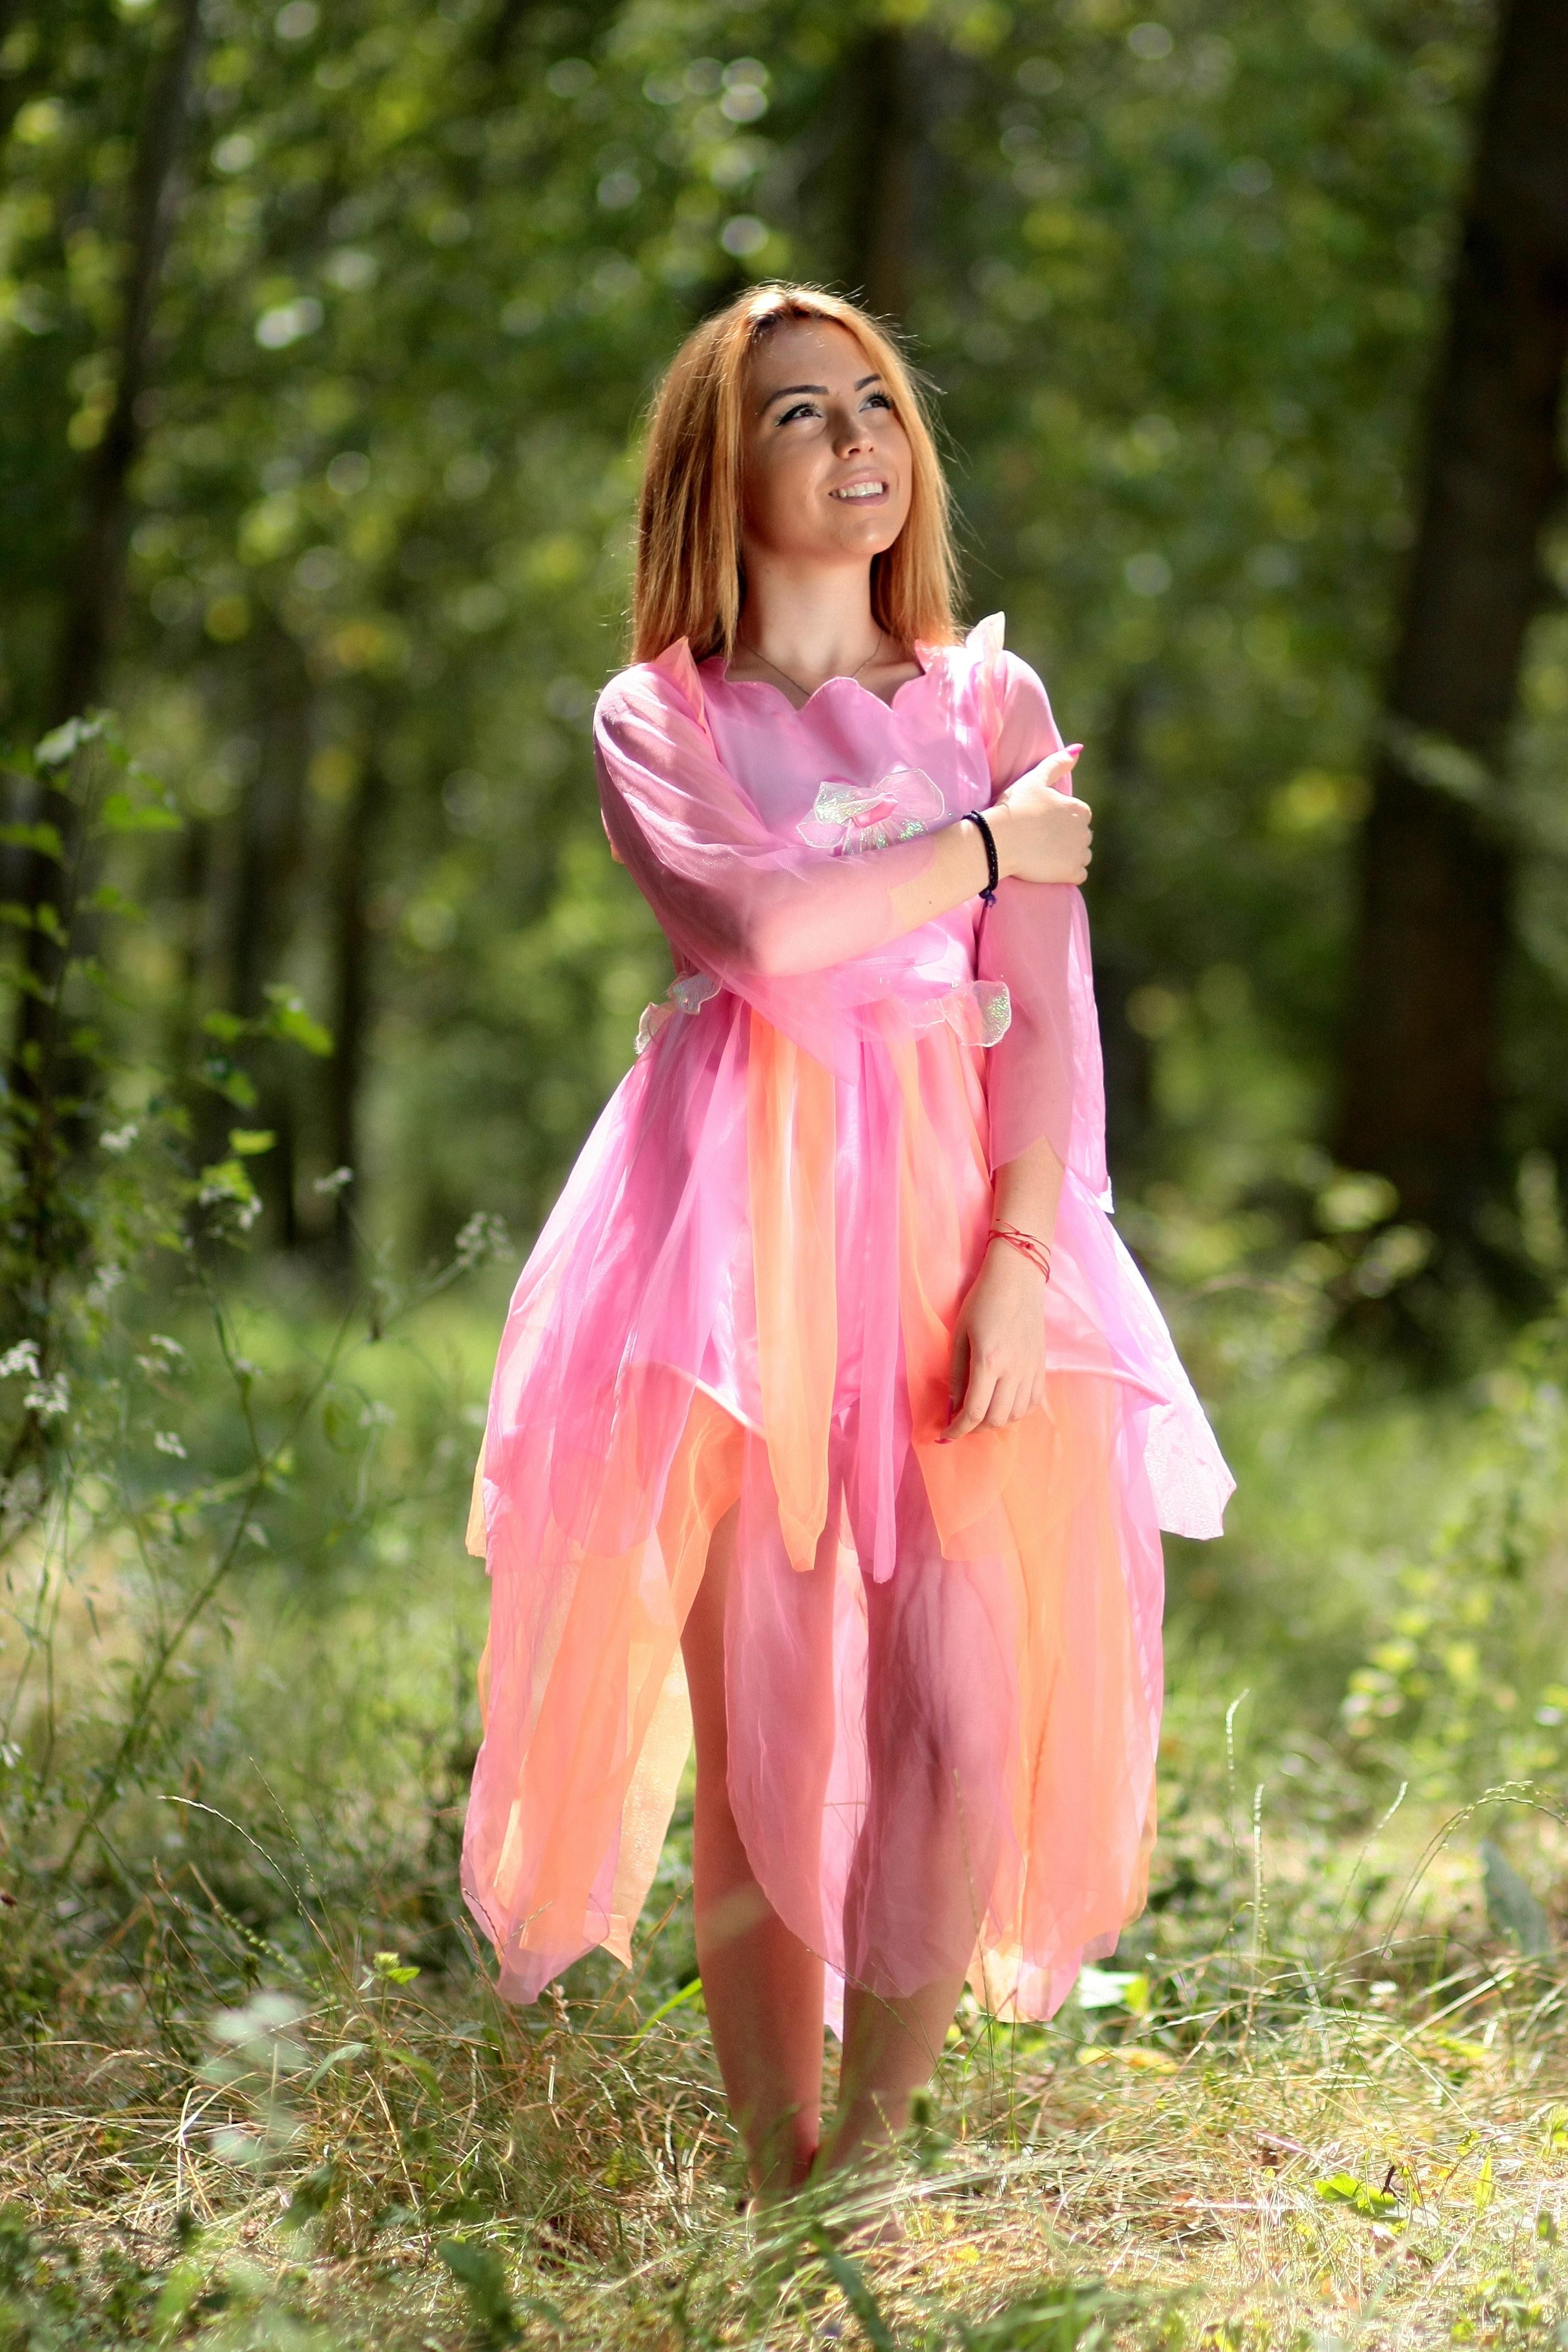 b274d50610de Skov pige fotografering eng blomst forår efterår barn tøj lyserød blond  kjole skønhed kostume fe kjole